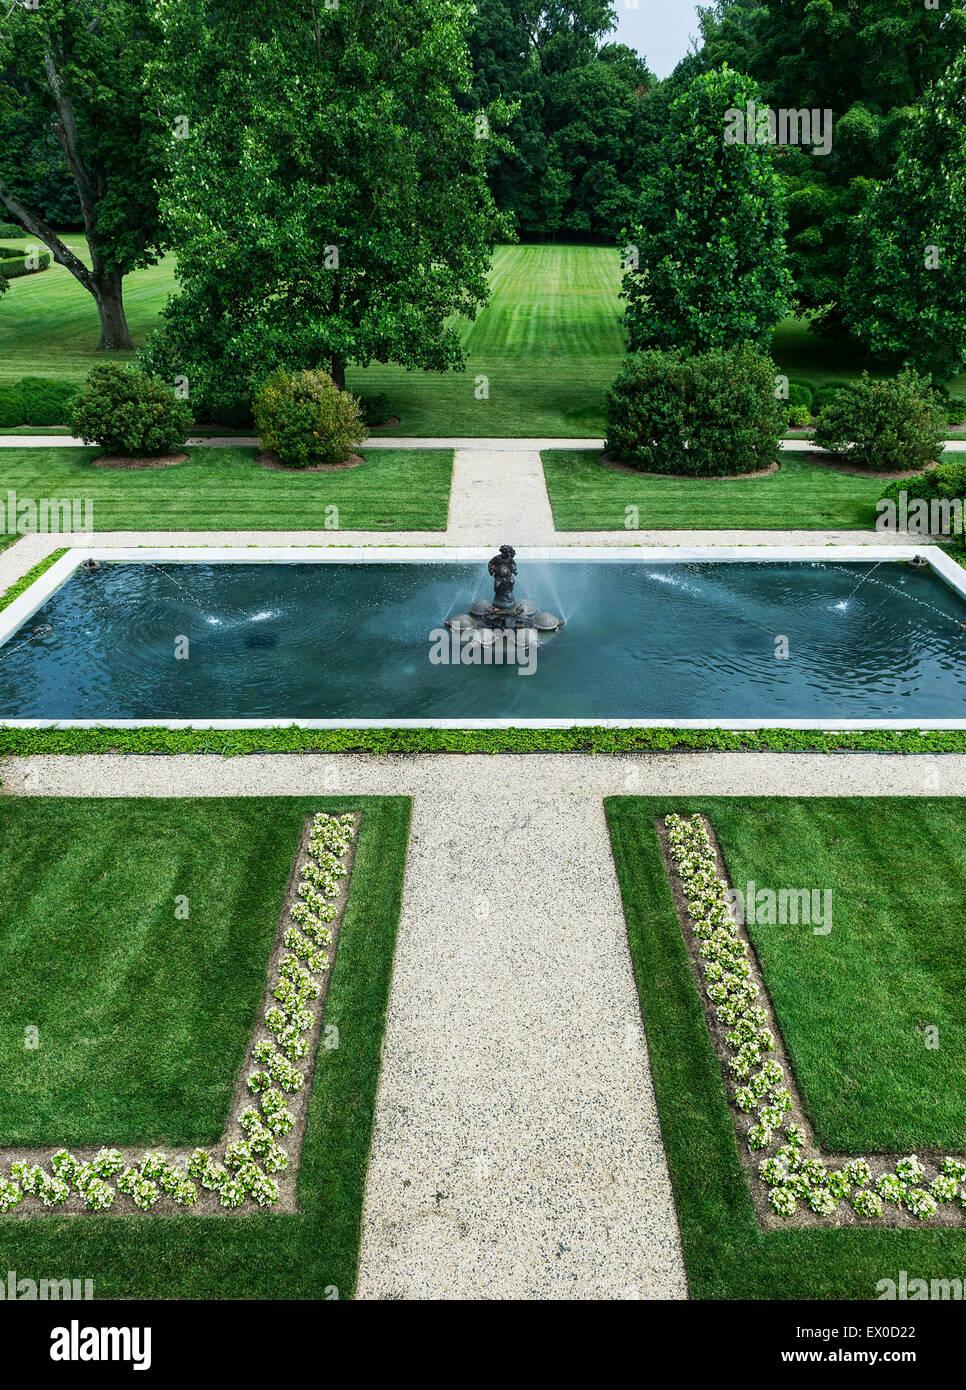 Piscina con fuente, Nemours Mansion y jardines, Wilmington, Delaware, EE.UU. Imagen De Stock